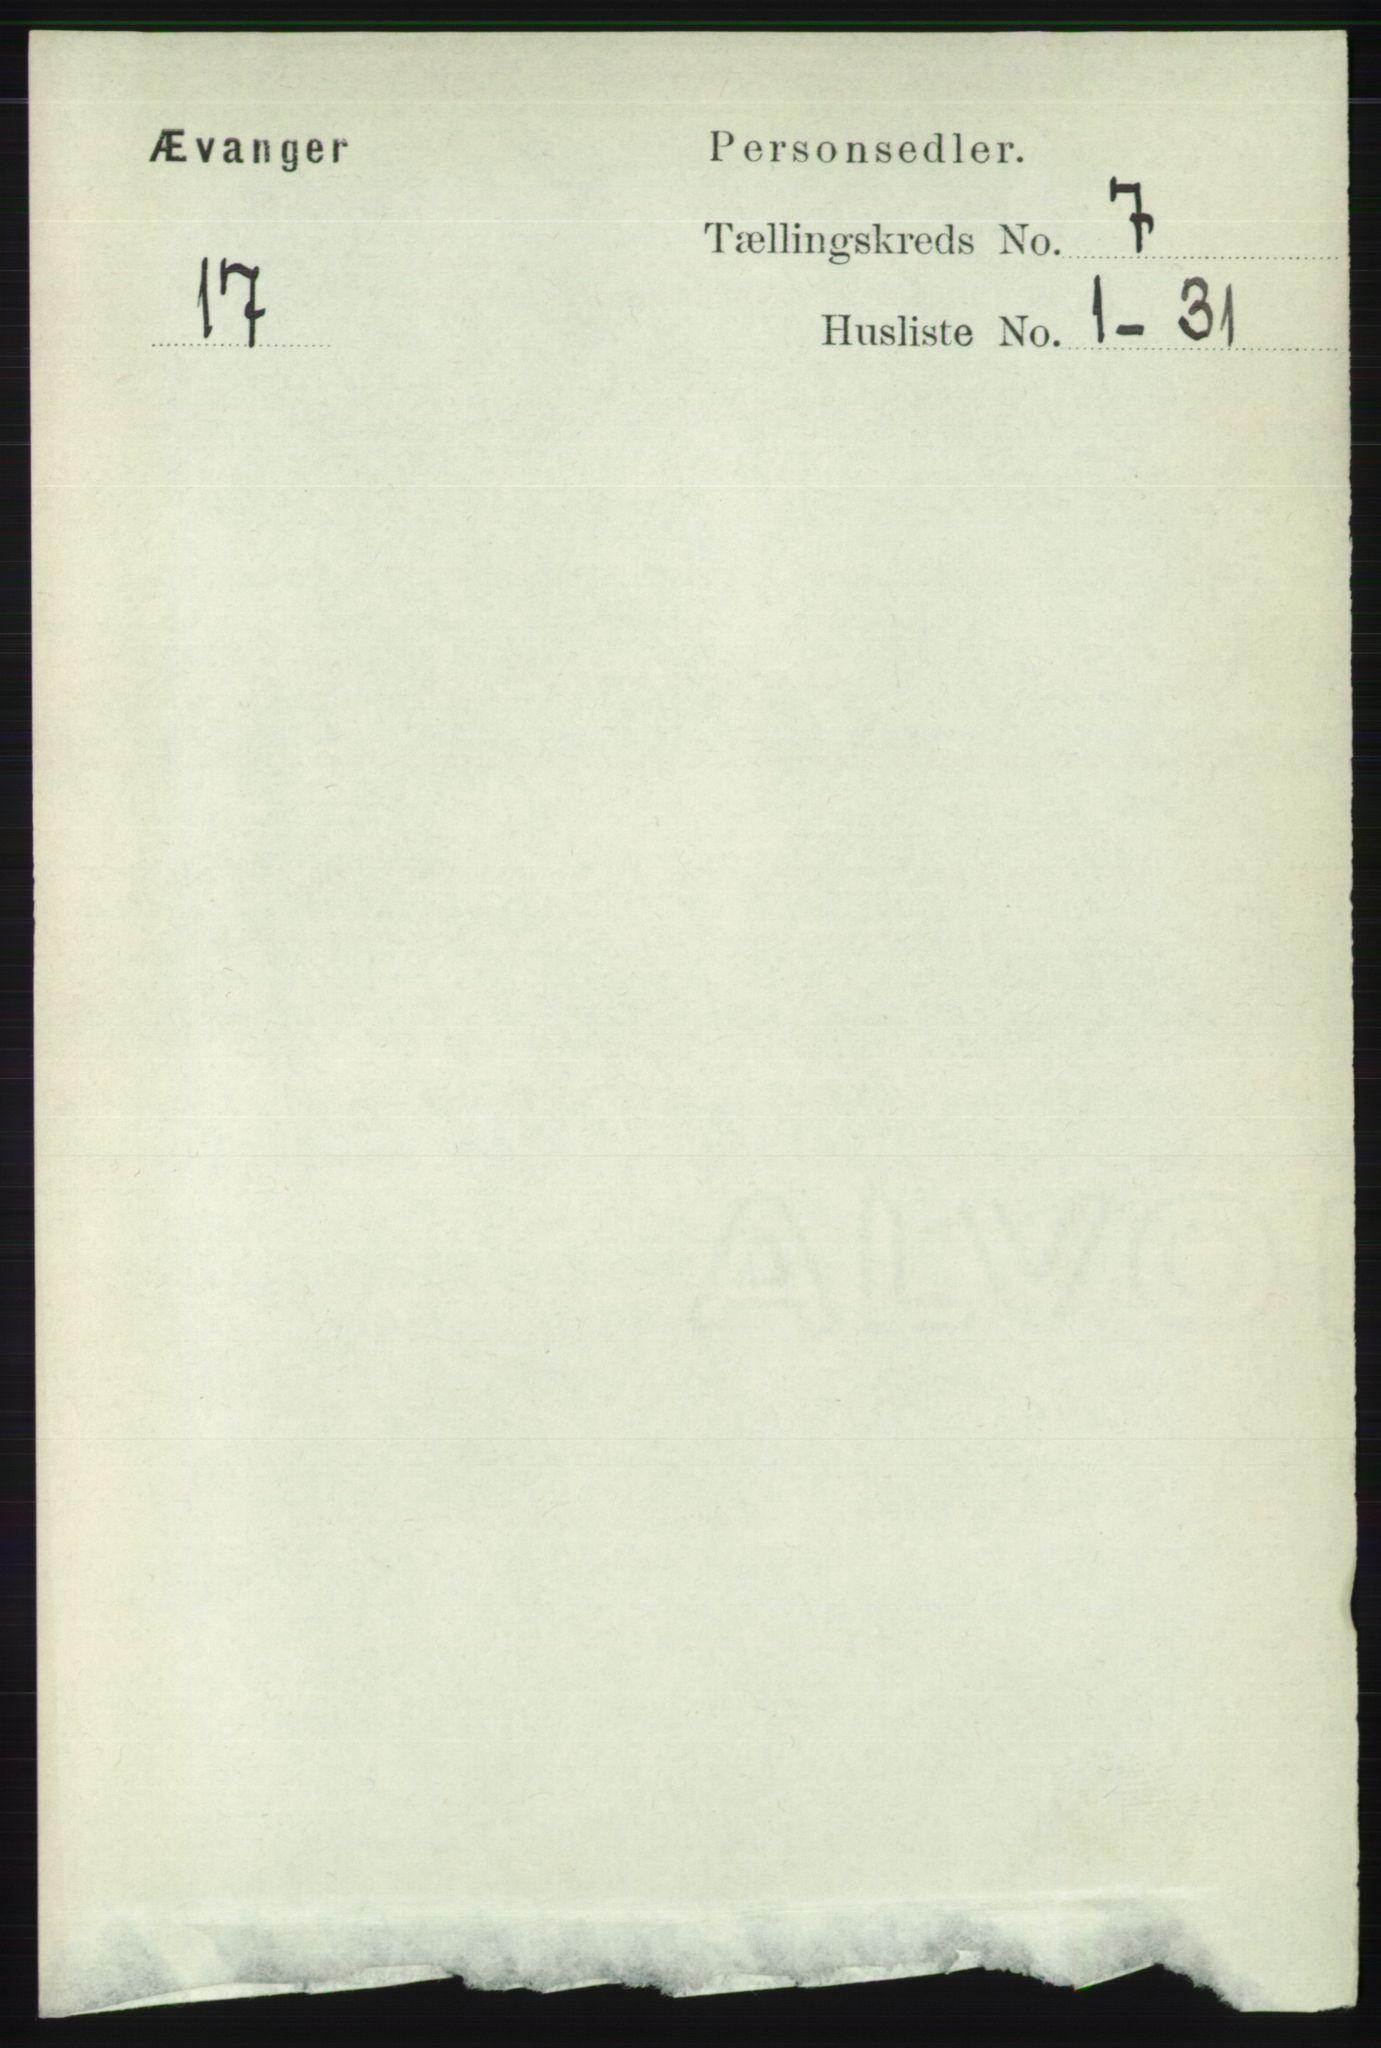 RA, Folketelling 1891 for 1237 Evanger herred, 1891, s. 1877